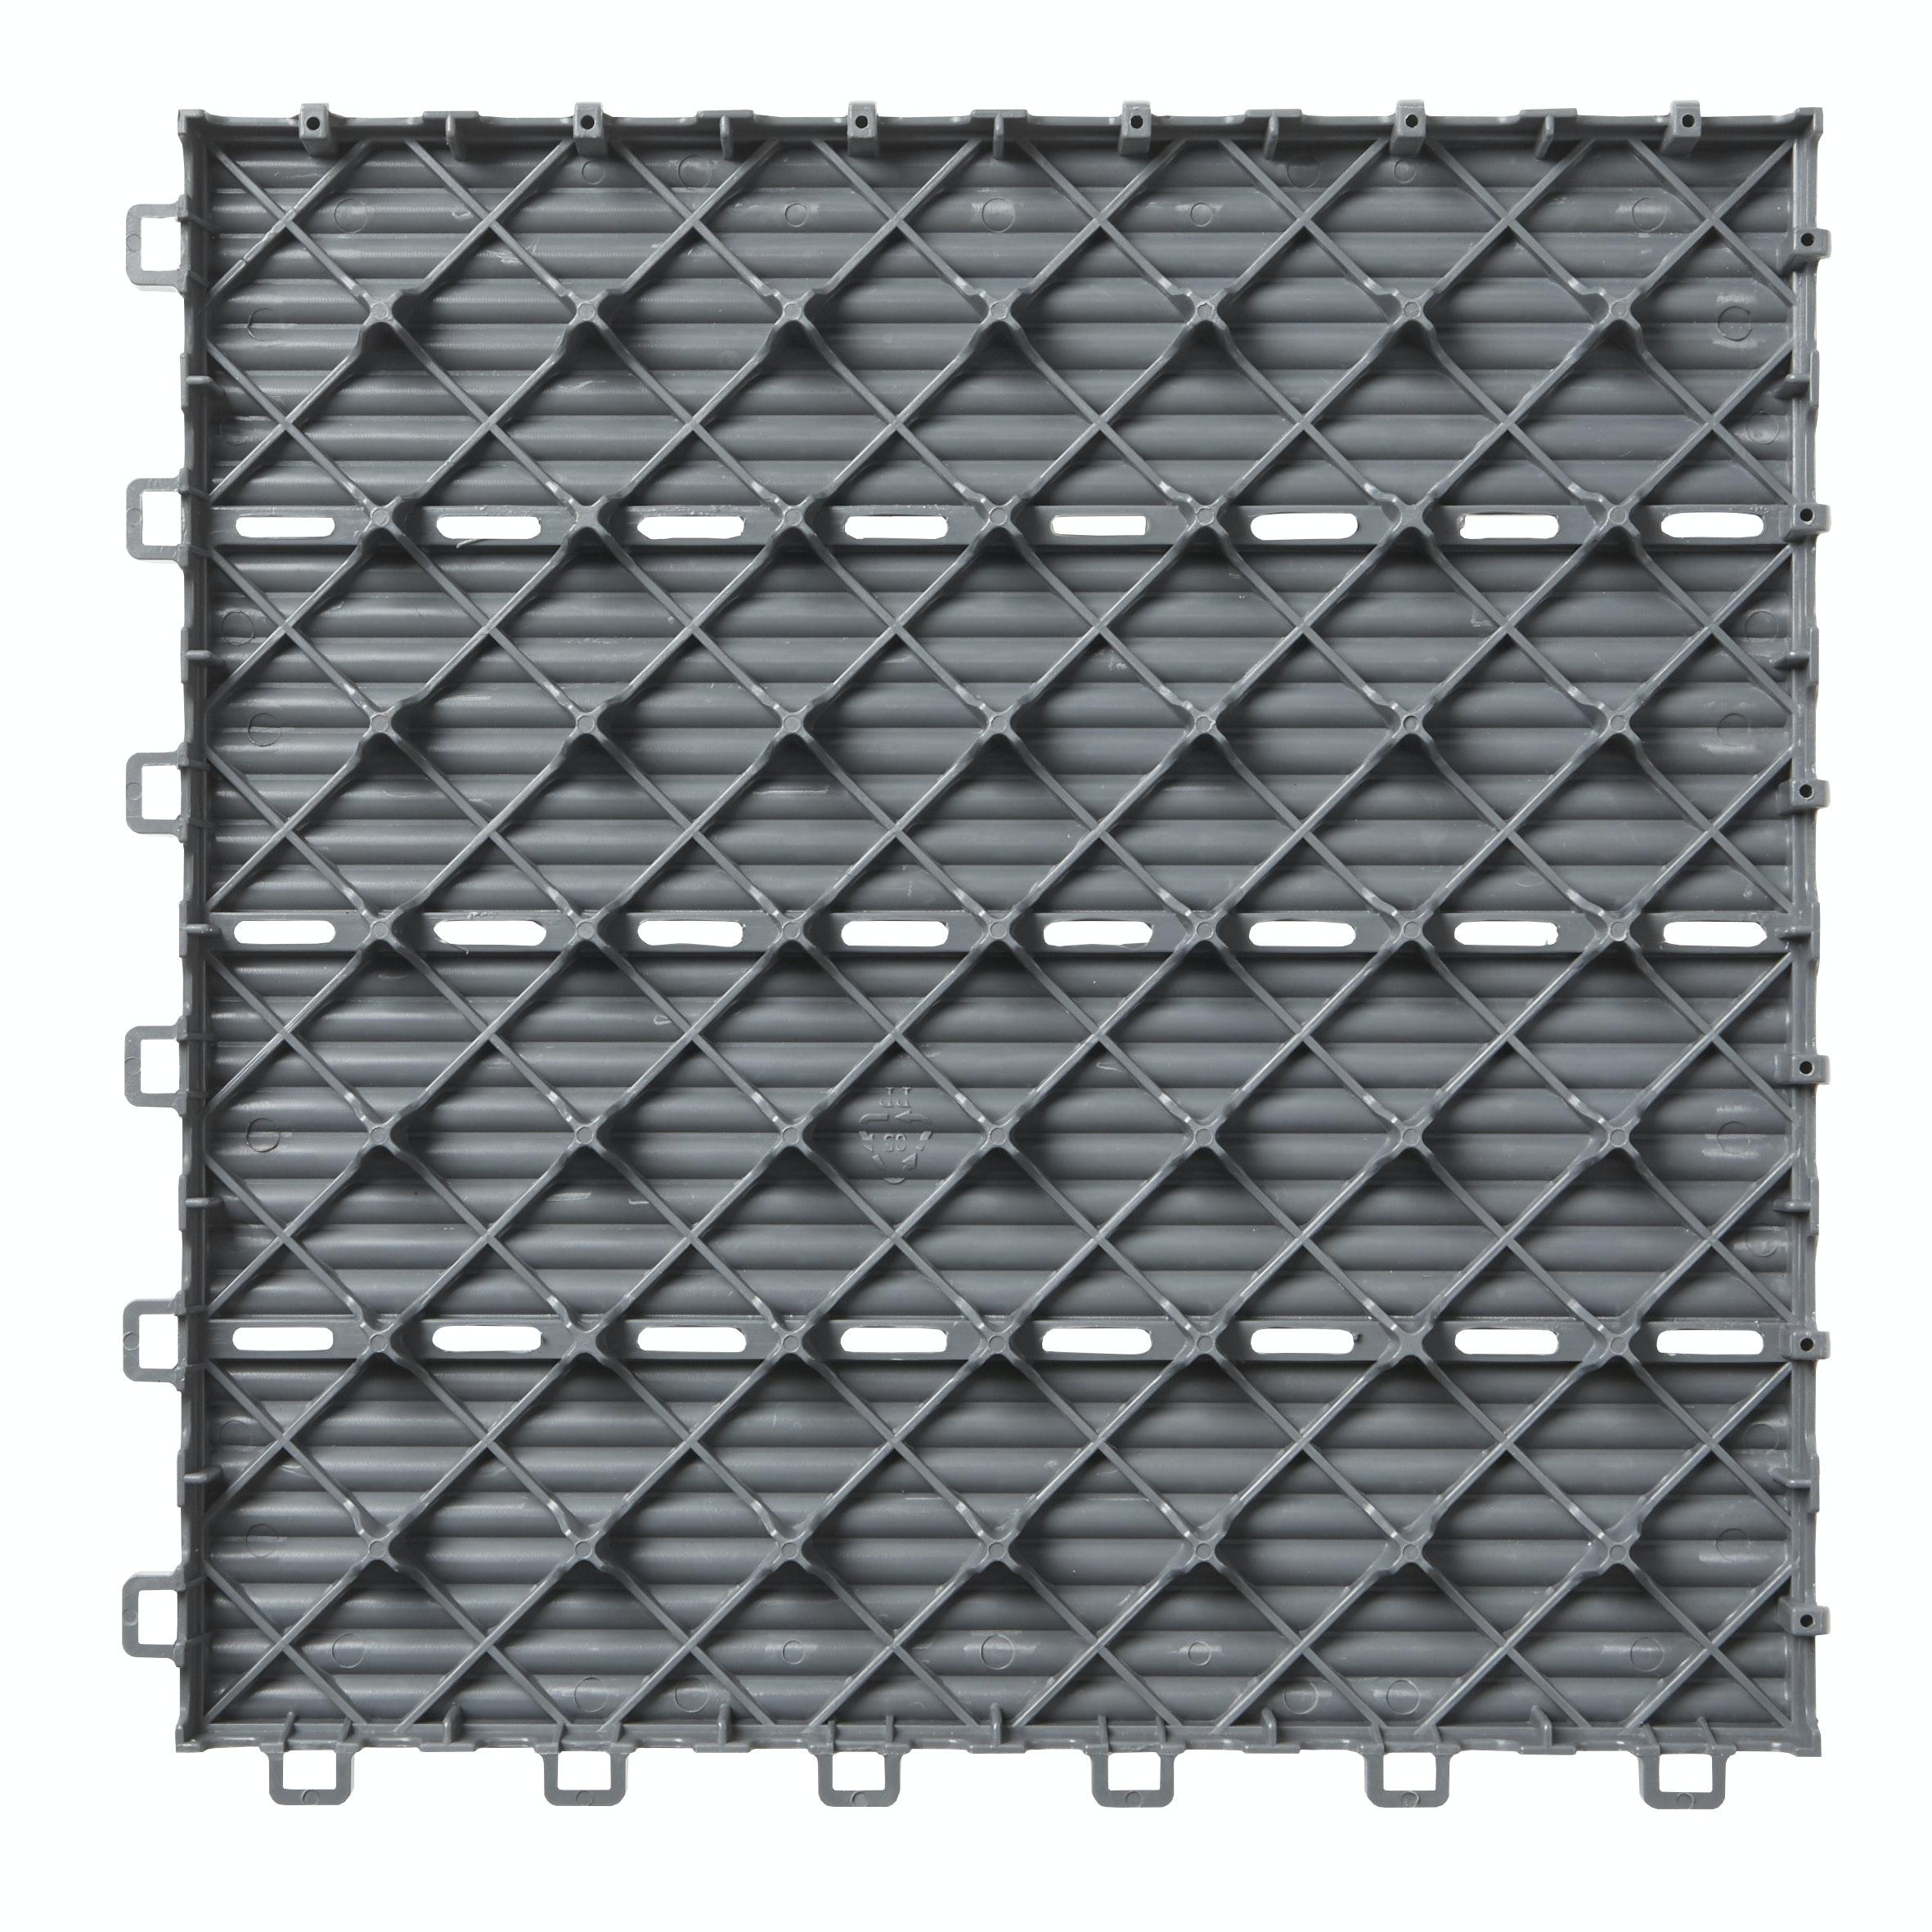 Trallruta Goodiy FSC 30x30 Plast Grå 0,36m²